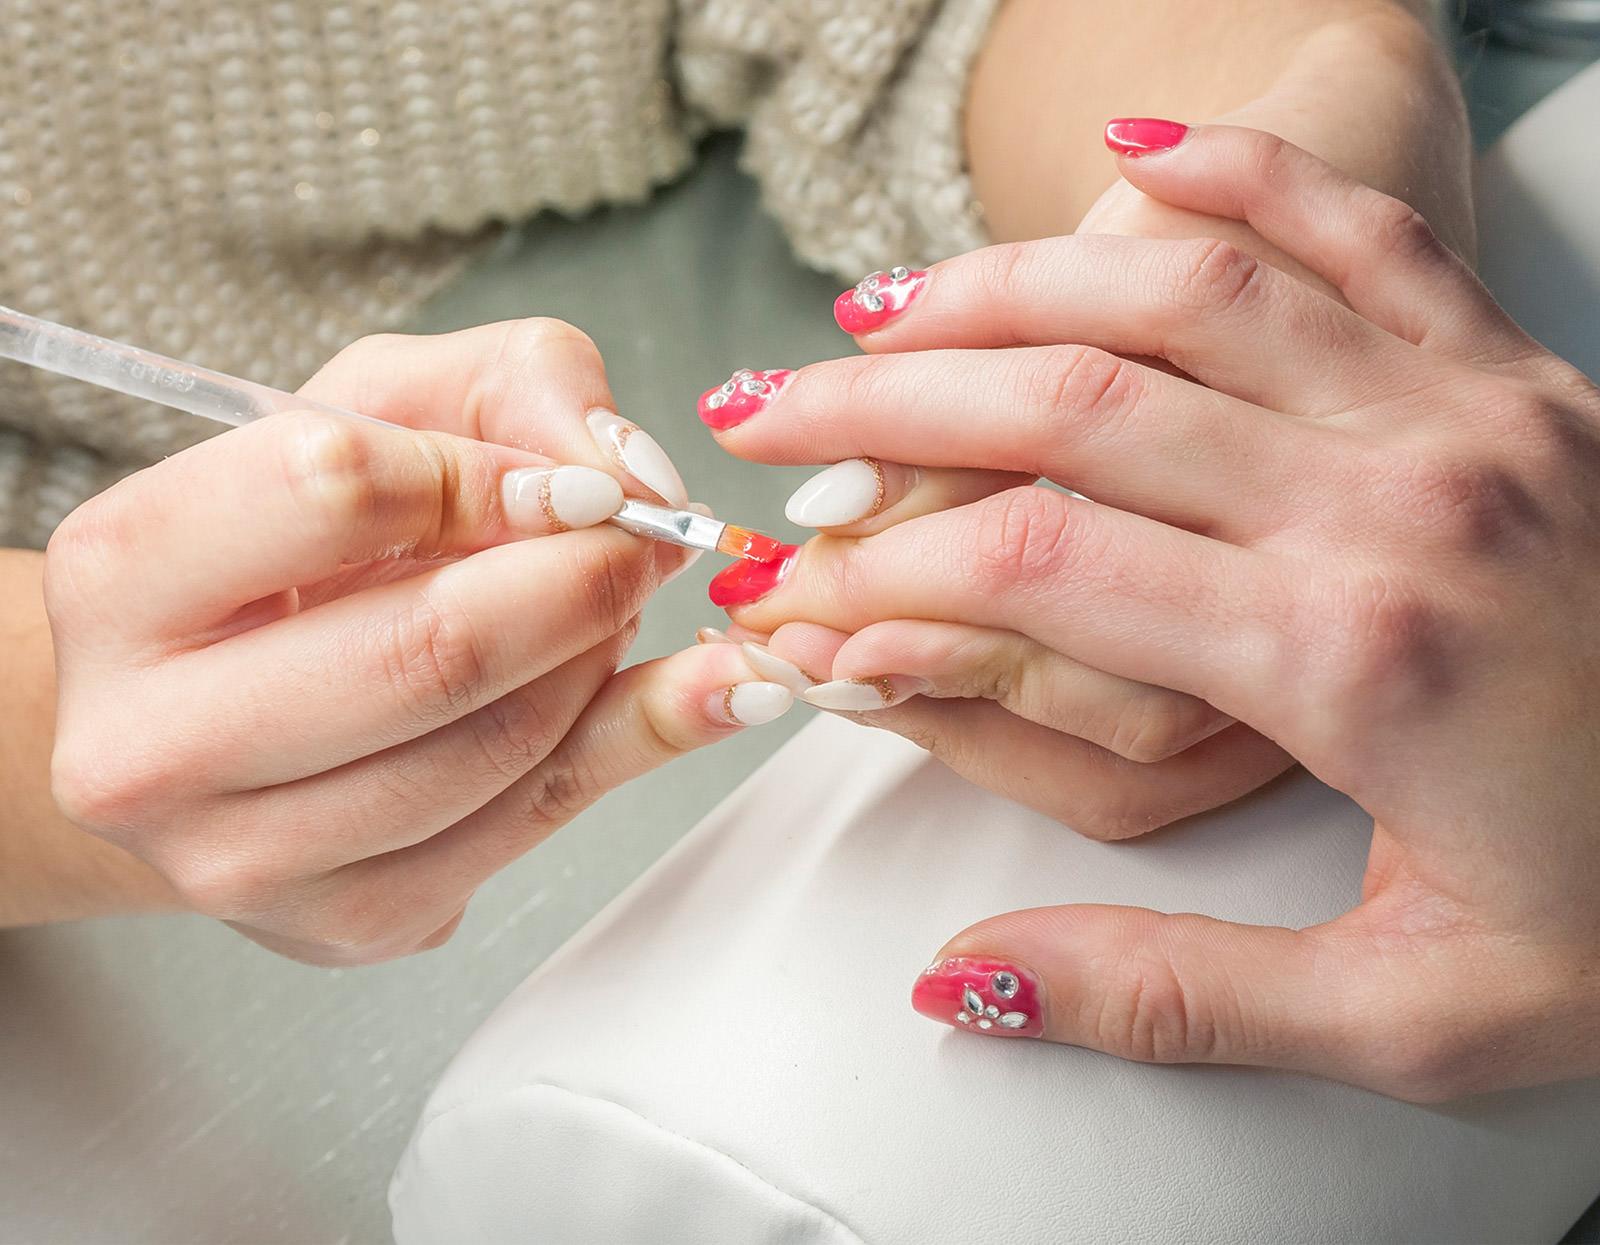 Extensiones y reconstrucción de uñas ¿qué es lo más apropiado para ...